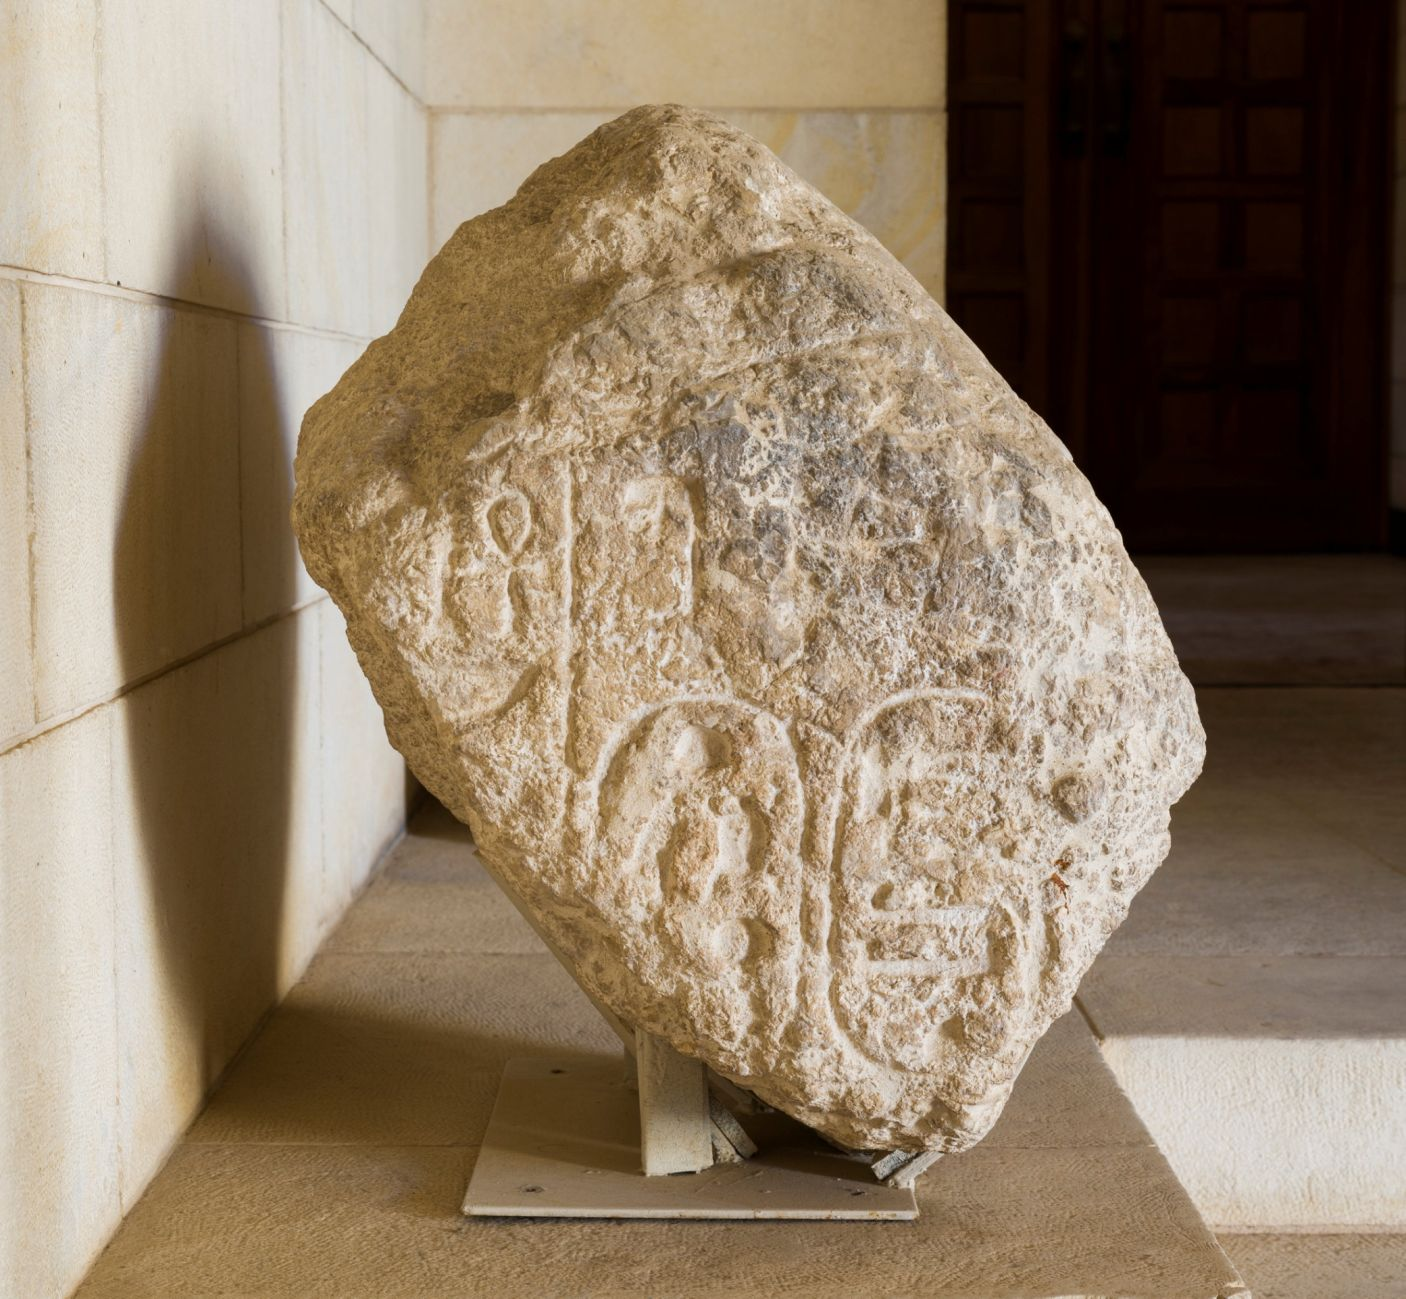 上图:米吉多出土的一块石头上,刻着埃及法老示撒的象形茧纹章(Cartouche)。这块石头可能是示撒攻占米吉多后的胜利纪念碑的一部分。